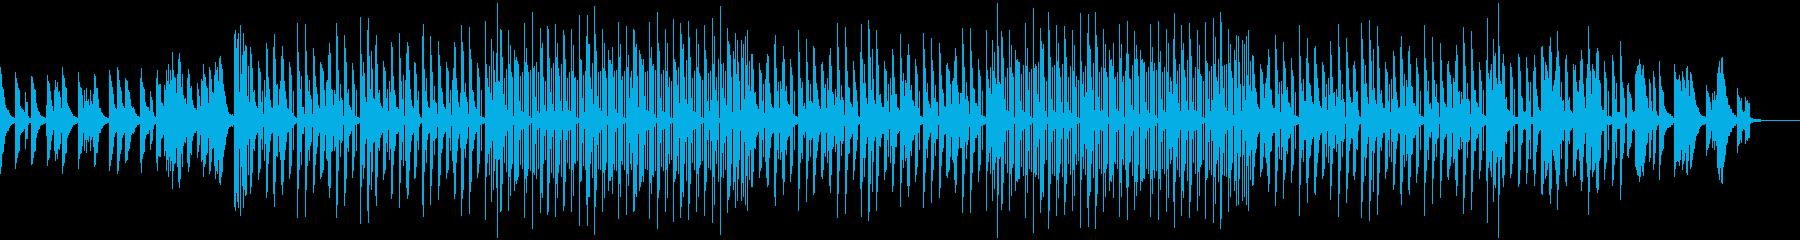 切なく落ち着くLo-FiHiphopの再生済みの波形